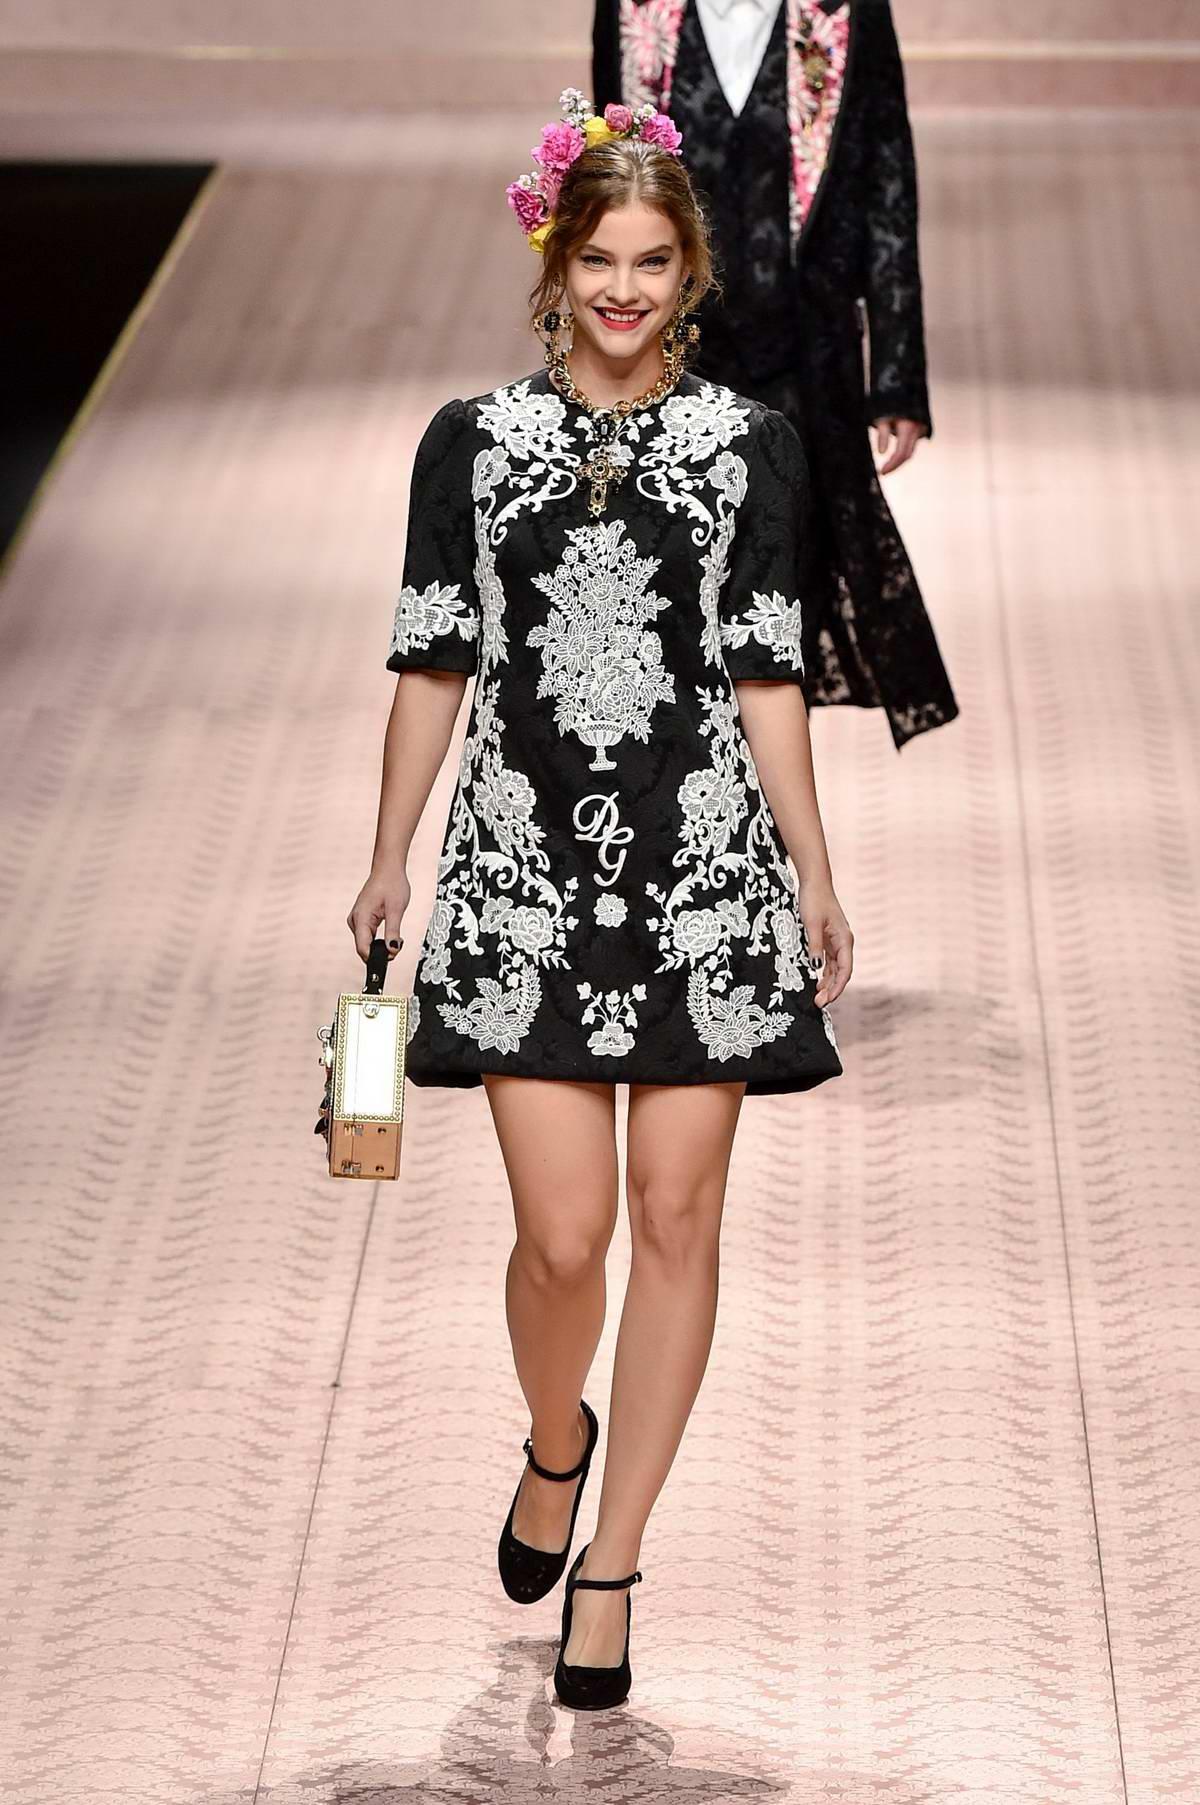 Barbara Palvin walks the runway for Dolce & Gabbana ...